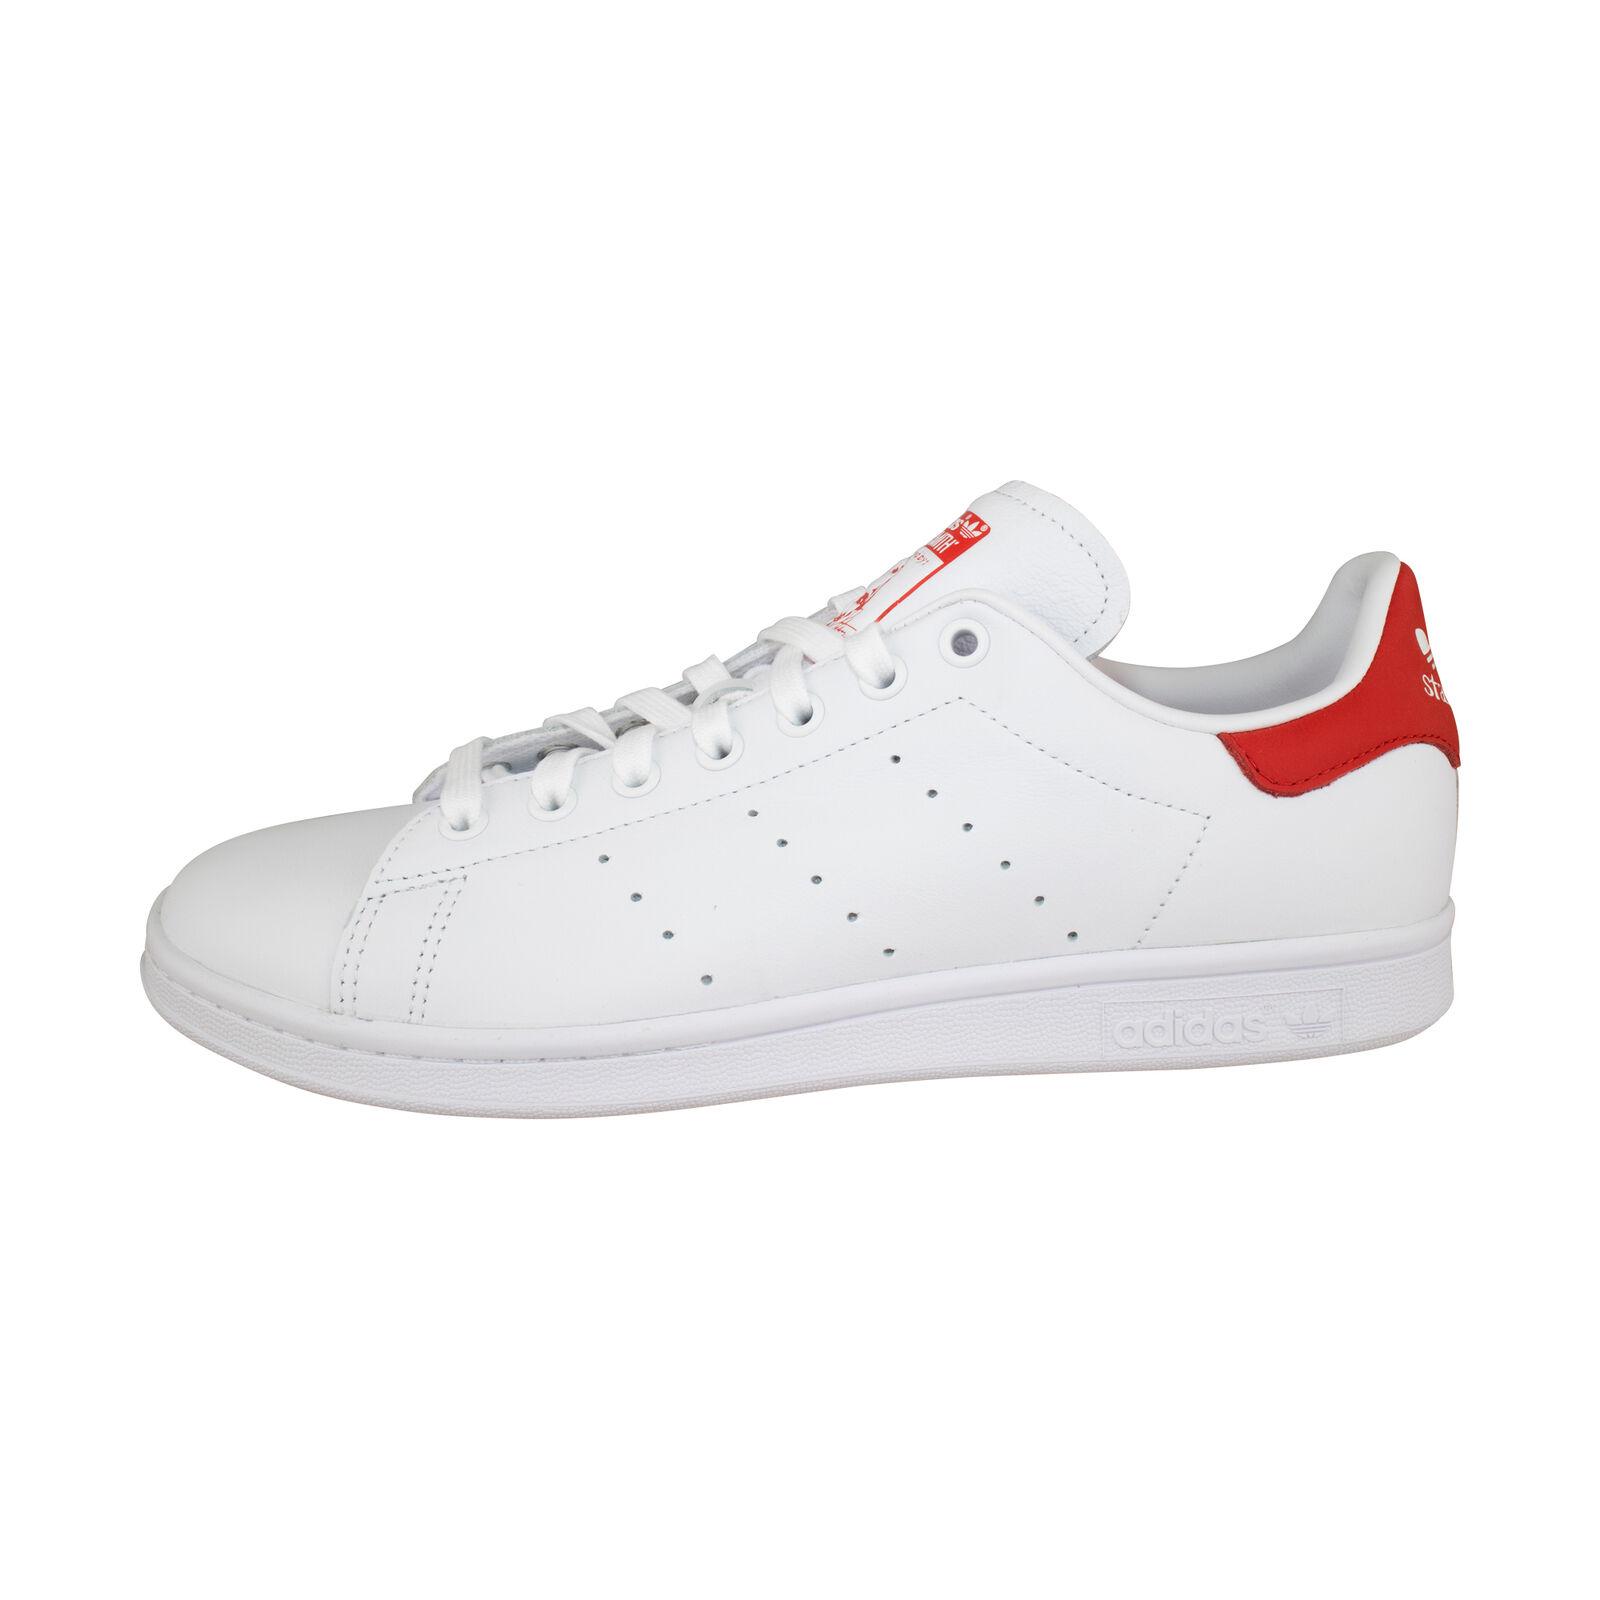 Adidas Originals Stan Smith weiß rot Turnschuhe Damen Freizeitschuhe EF4334